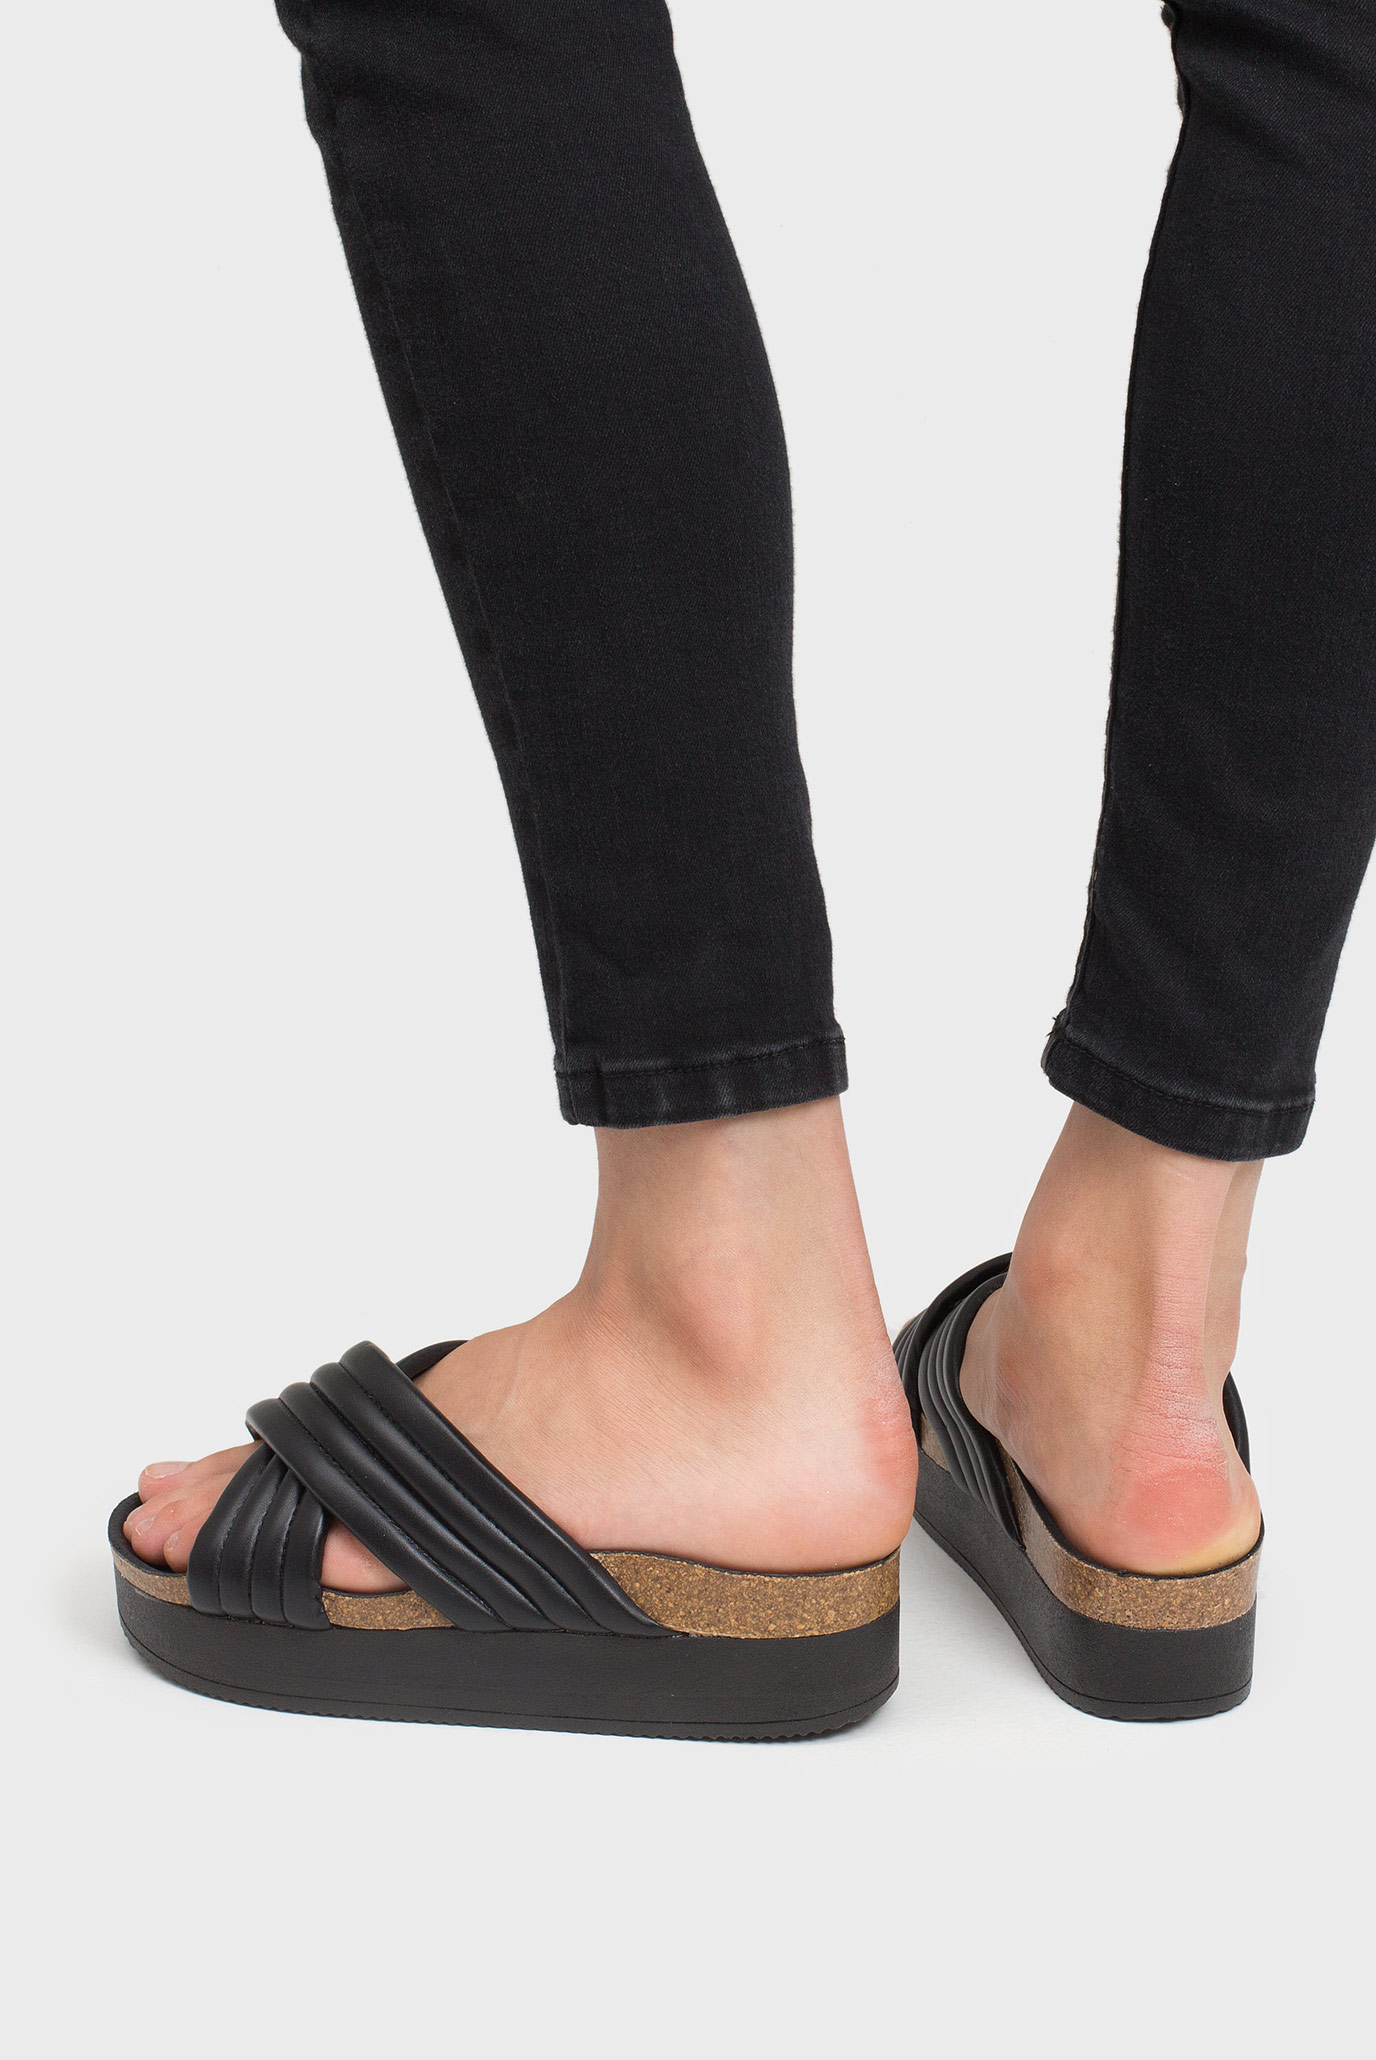 Купить Женские черные шлепанцы на платформе Preppy Preppy 688092 – Киев, Украина. Цены в интернет магазине MD Fashion